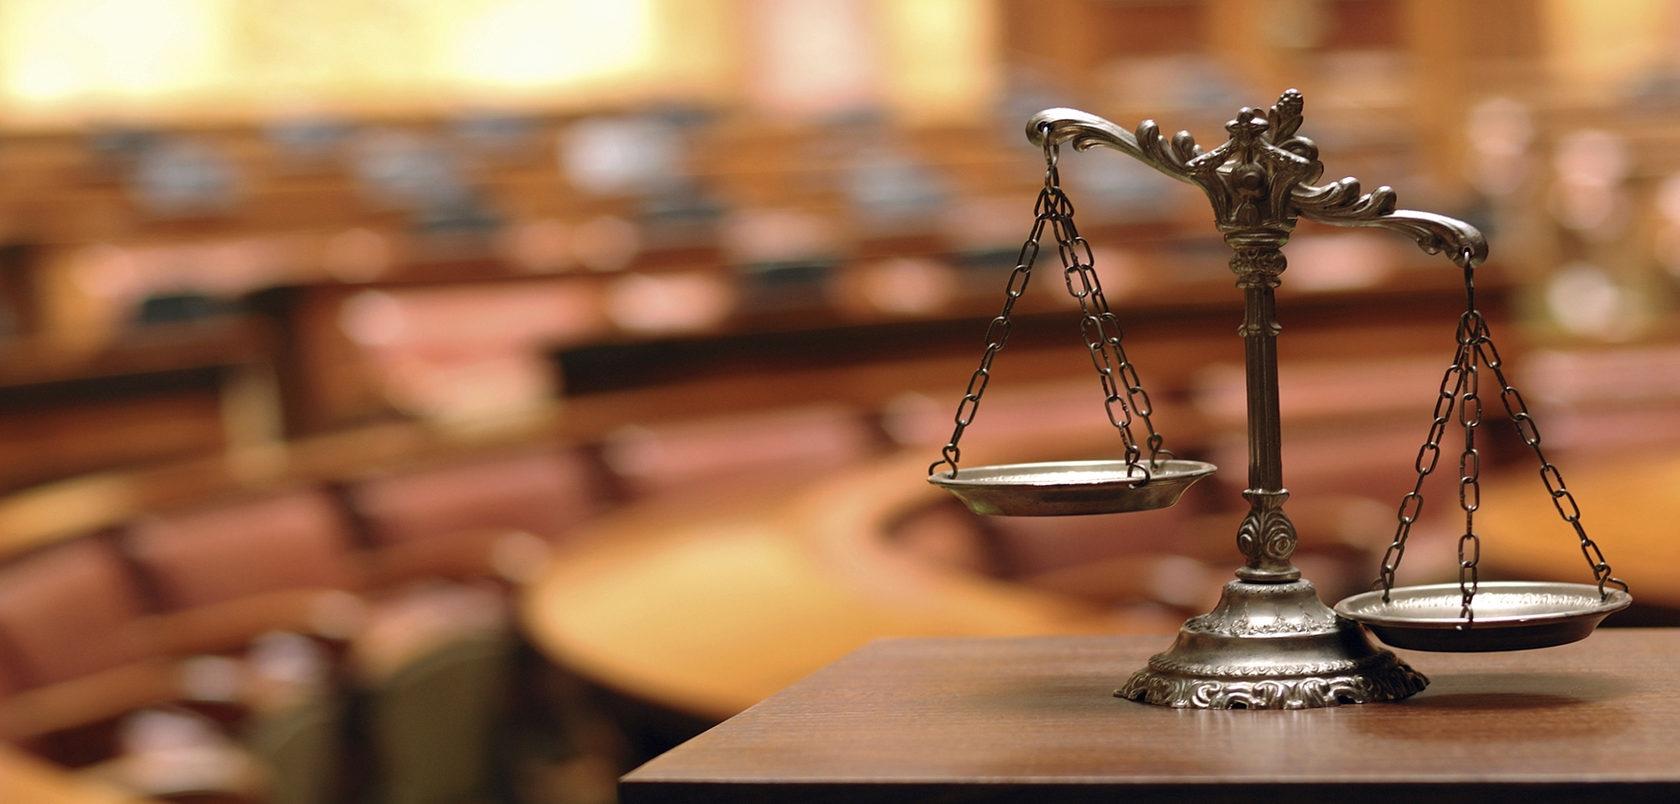 Адвокат уголовные гражданские дела Клин